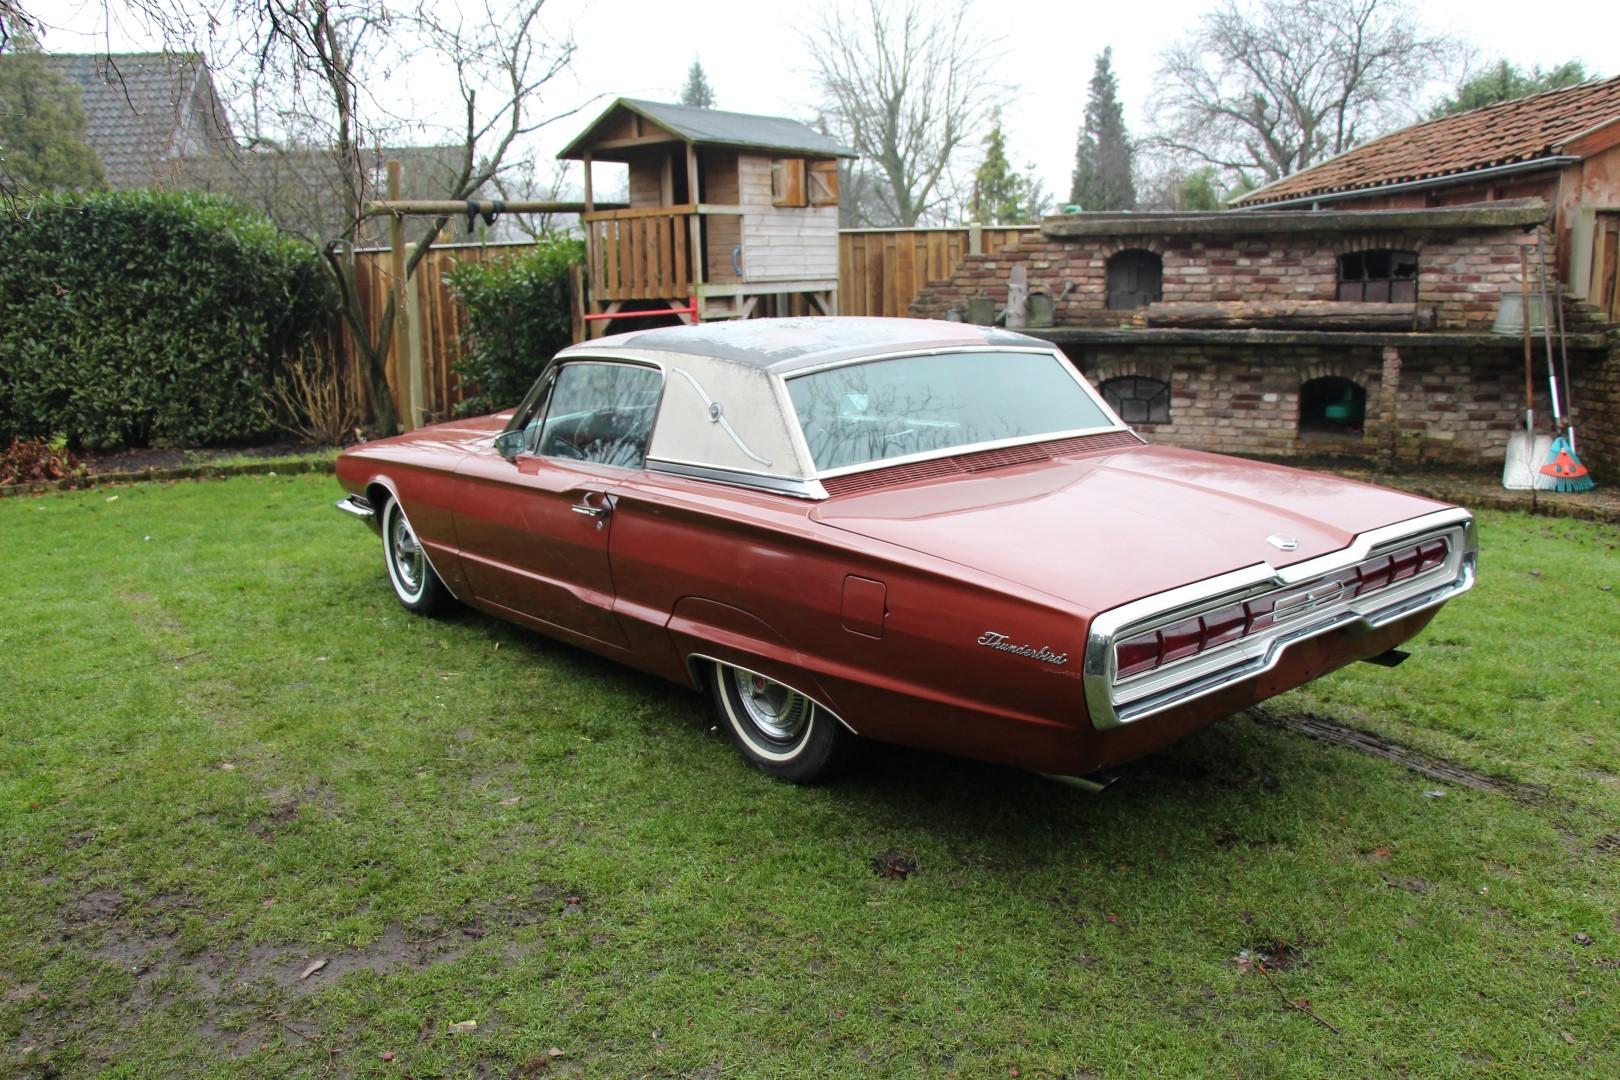 1966 Ford Thunderbird Town Landau 428 - emberglow (19)